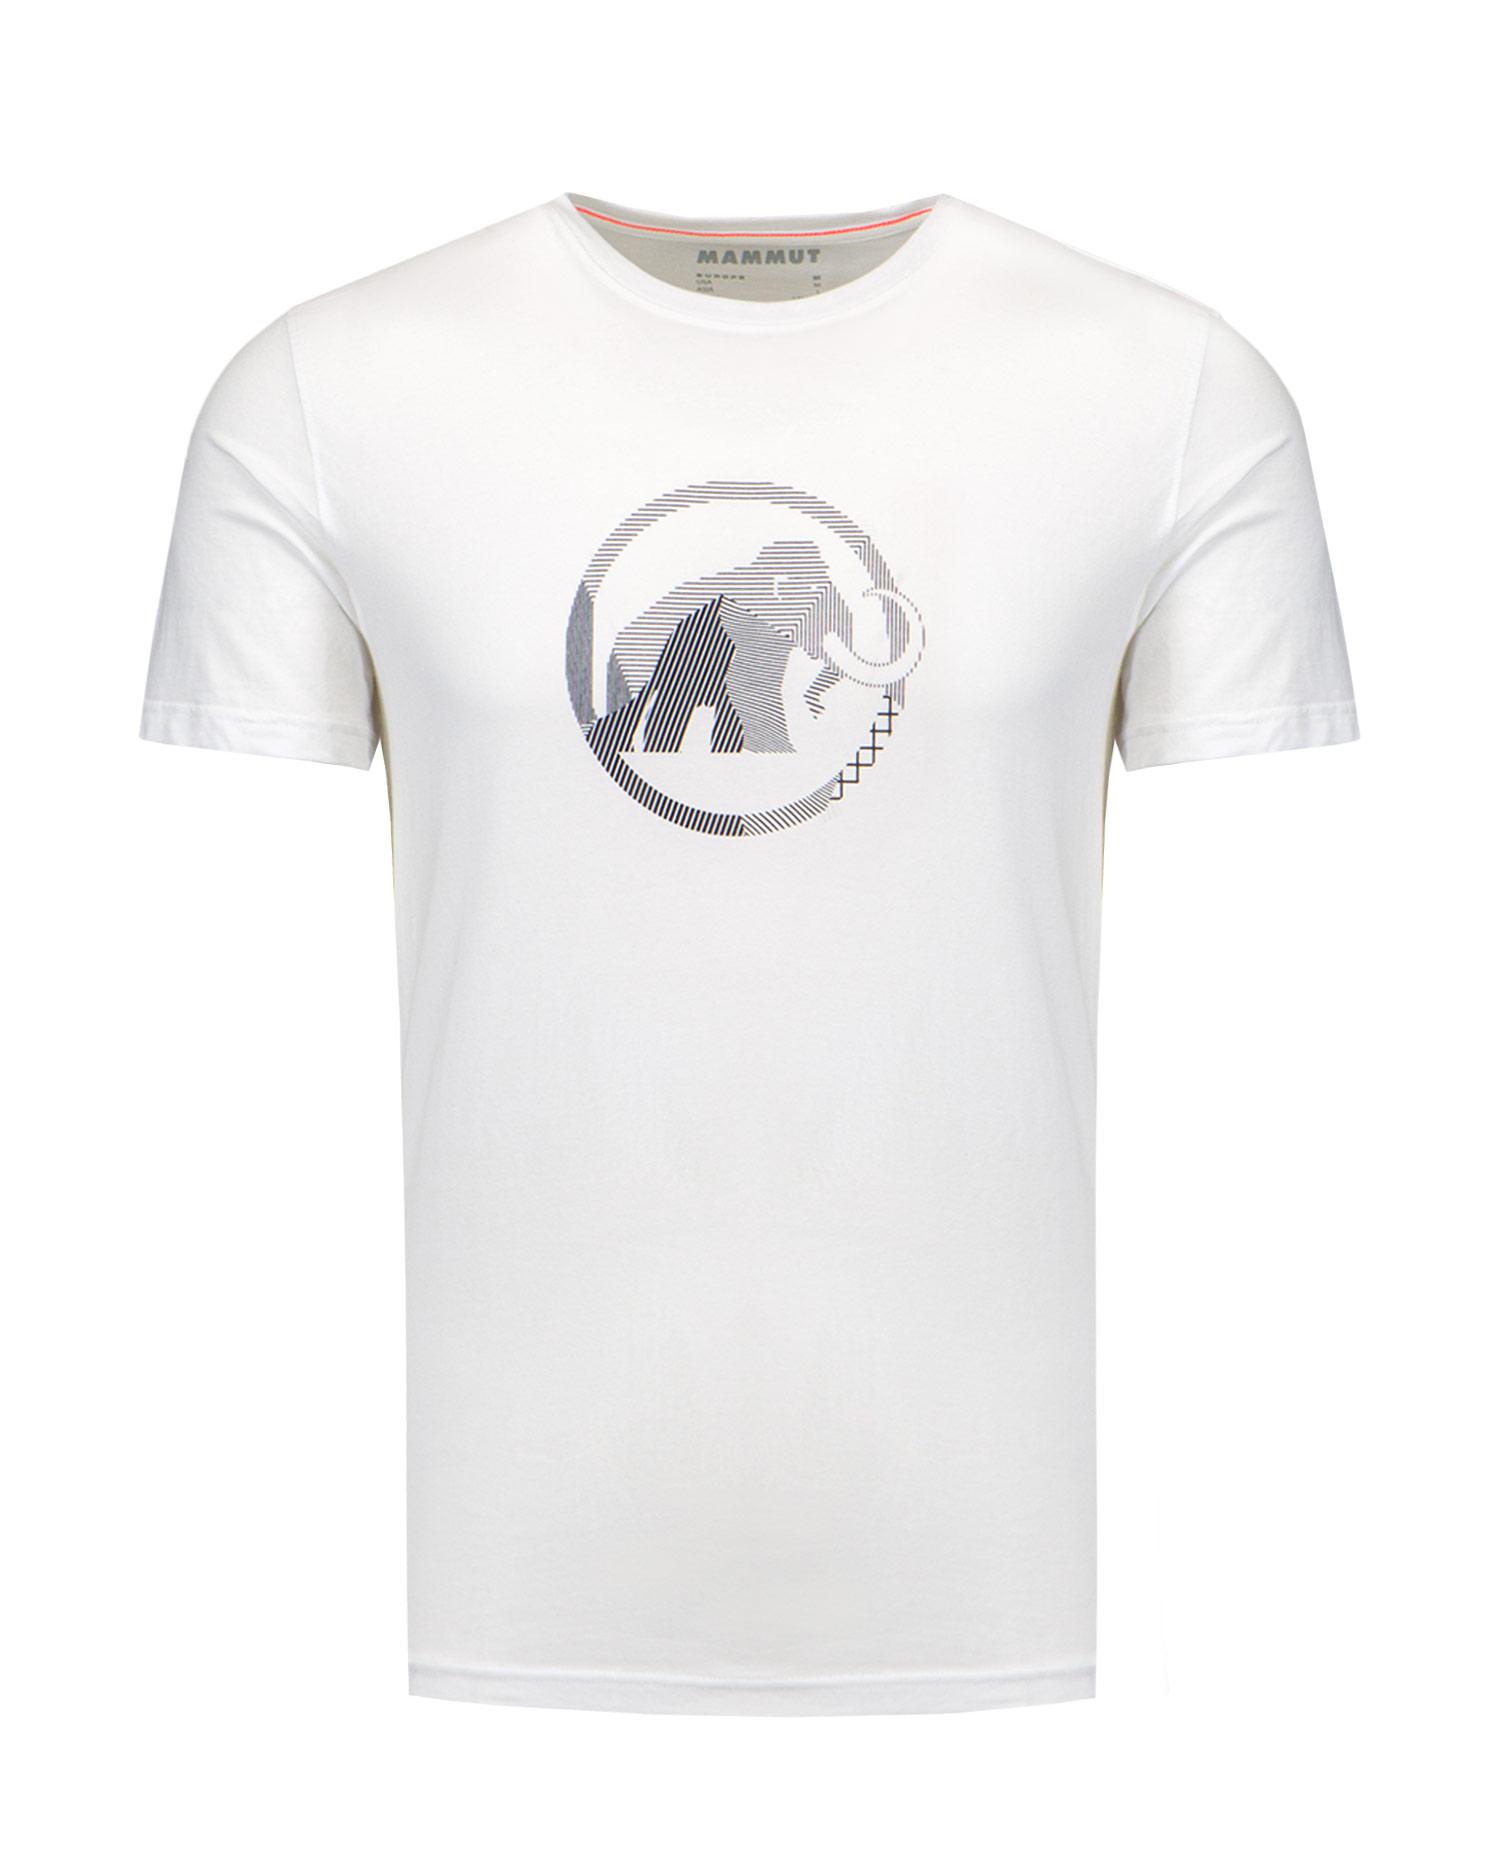 Tričko Mammut LOGO